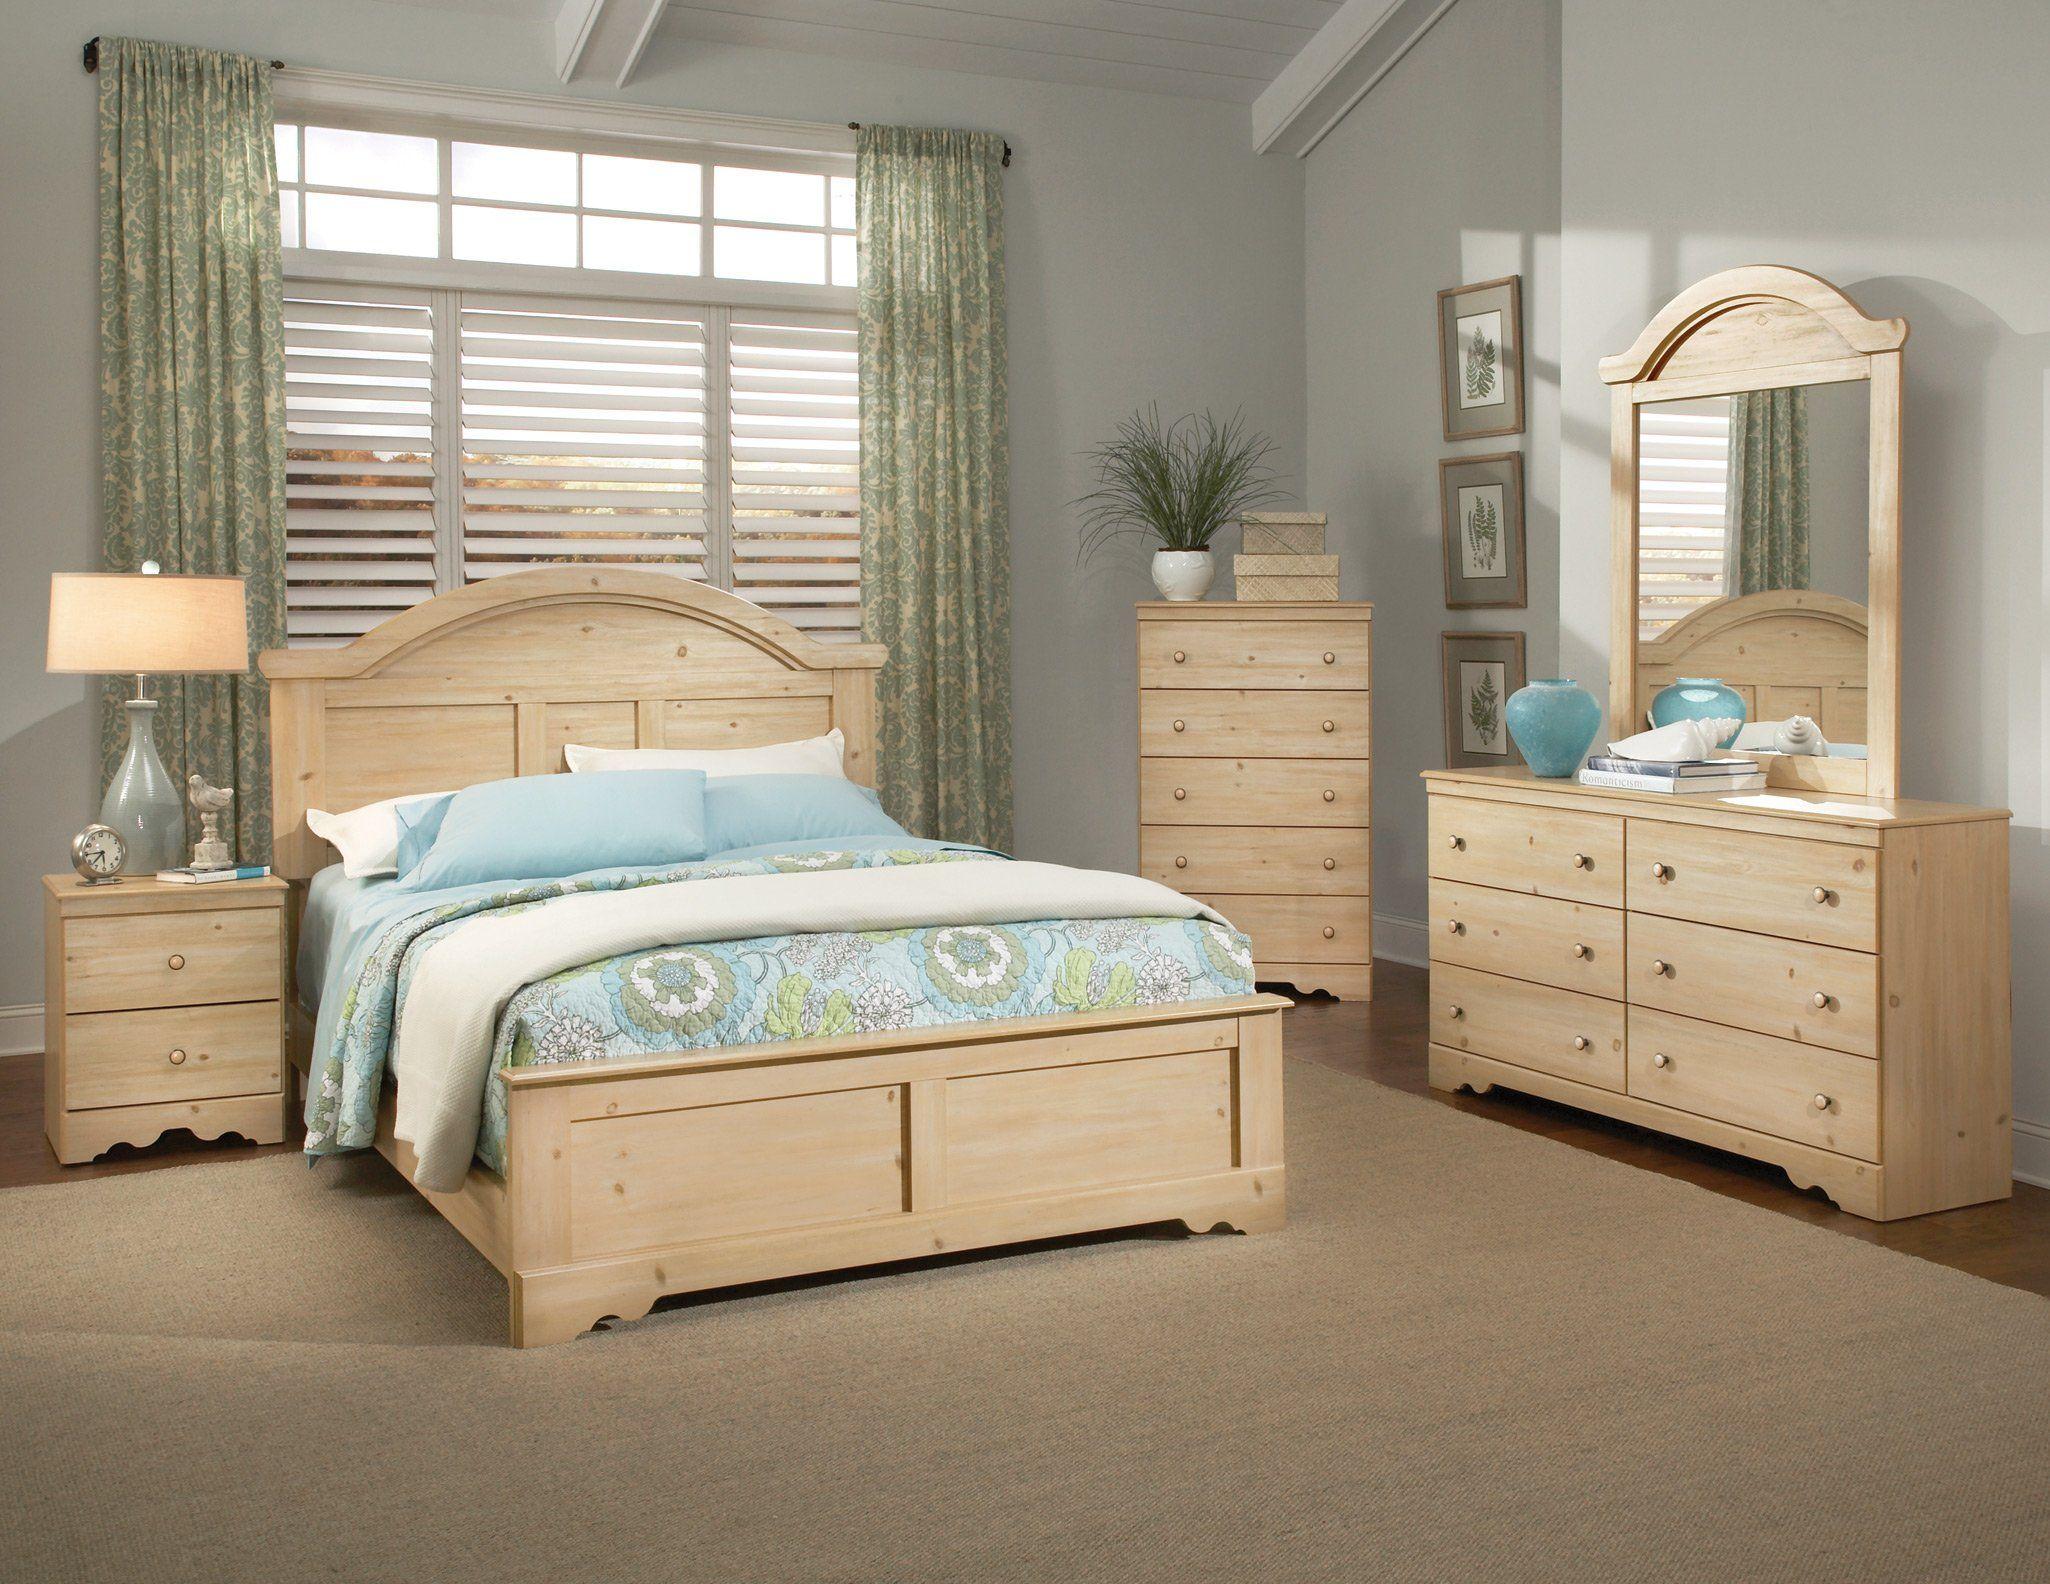 cream bedroom furniture cream painted oak bedroom furniture | uv furniture ROQMKUA